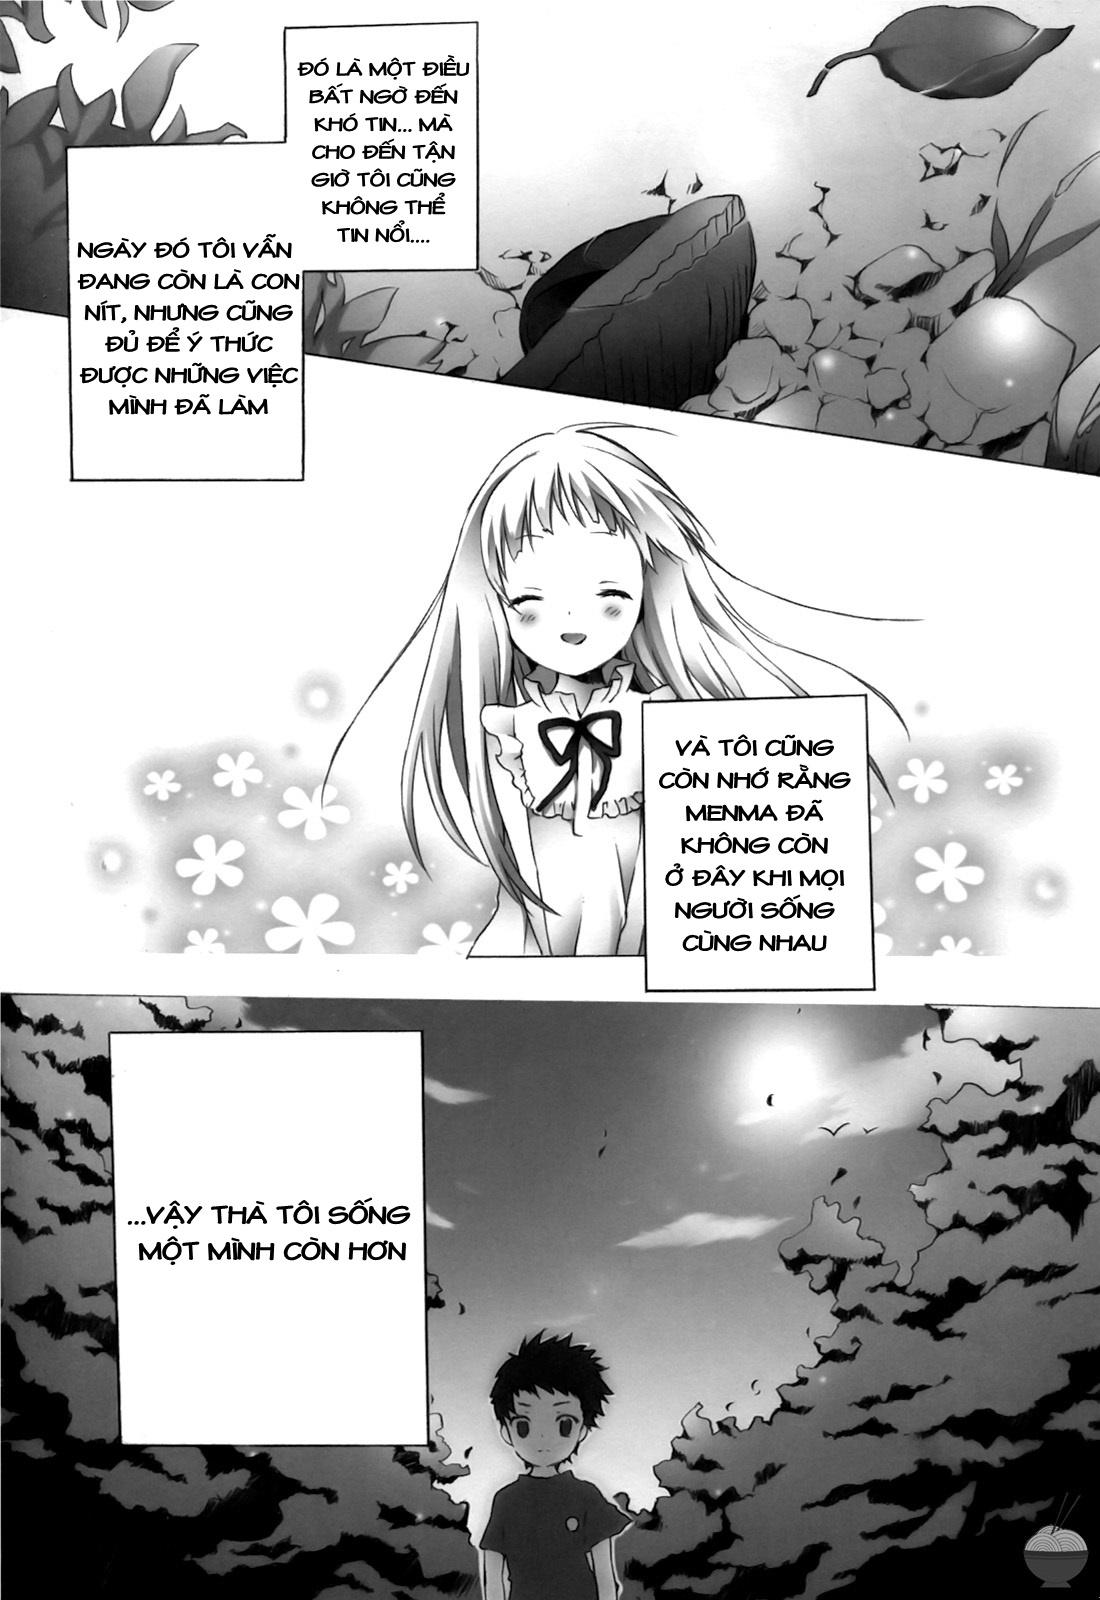 Hình ảnh  trong bài viết Kami-sama no Oboshimeshi